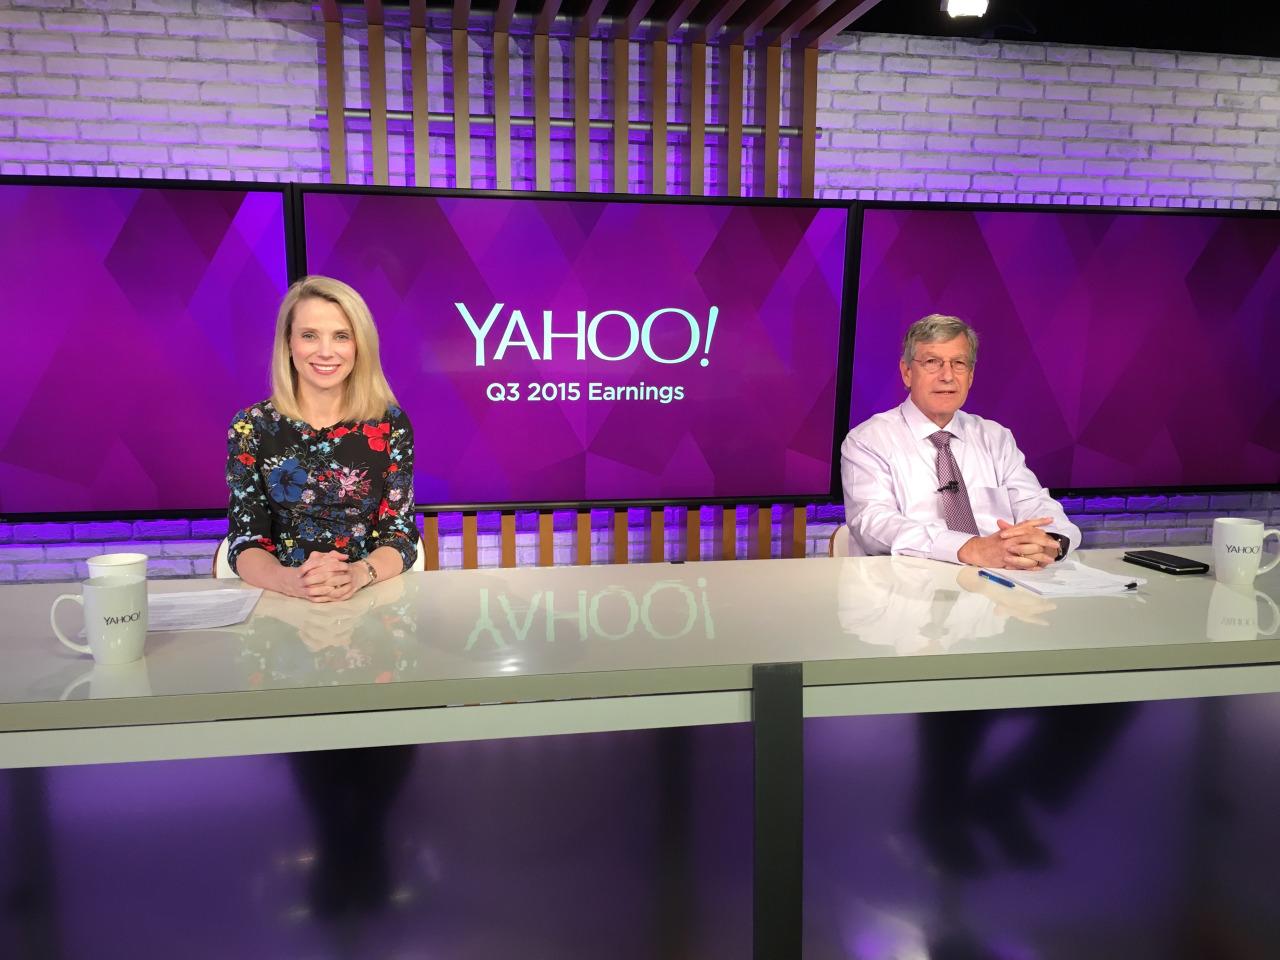 Lavorare In Ufficio Yahoo : Numero uno di yahoo accusata di sessismo discrimina gli uomini